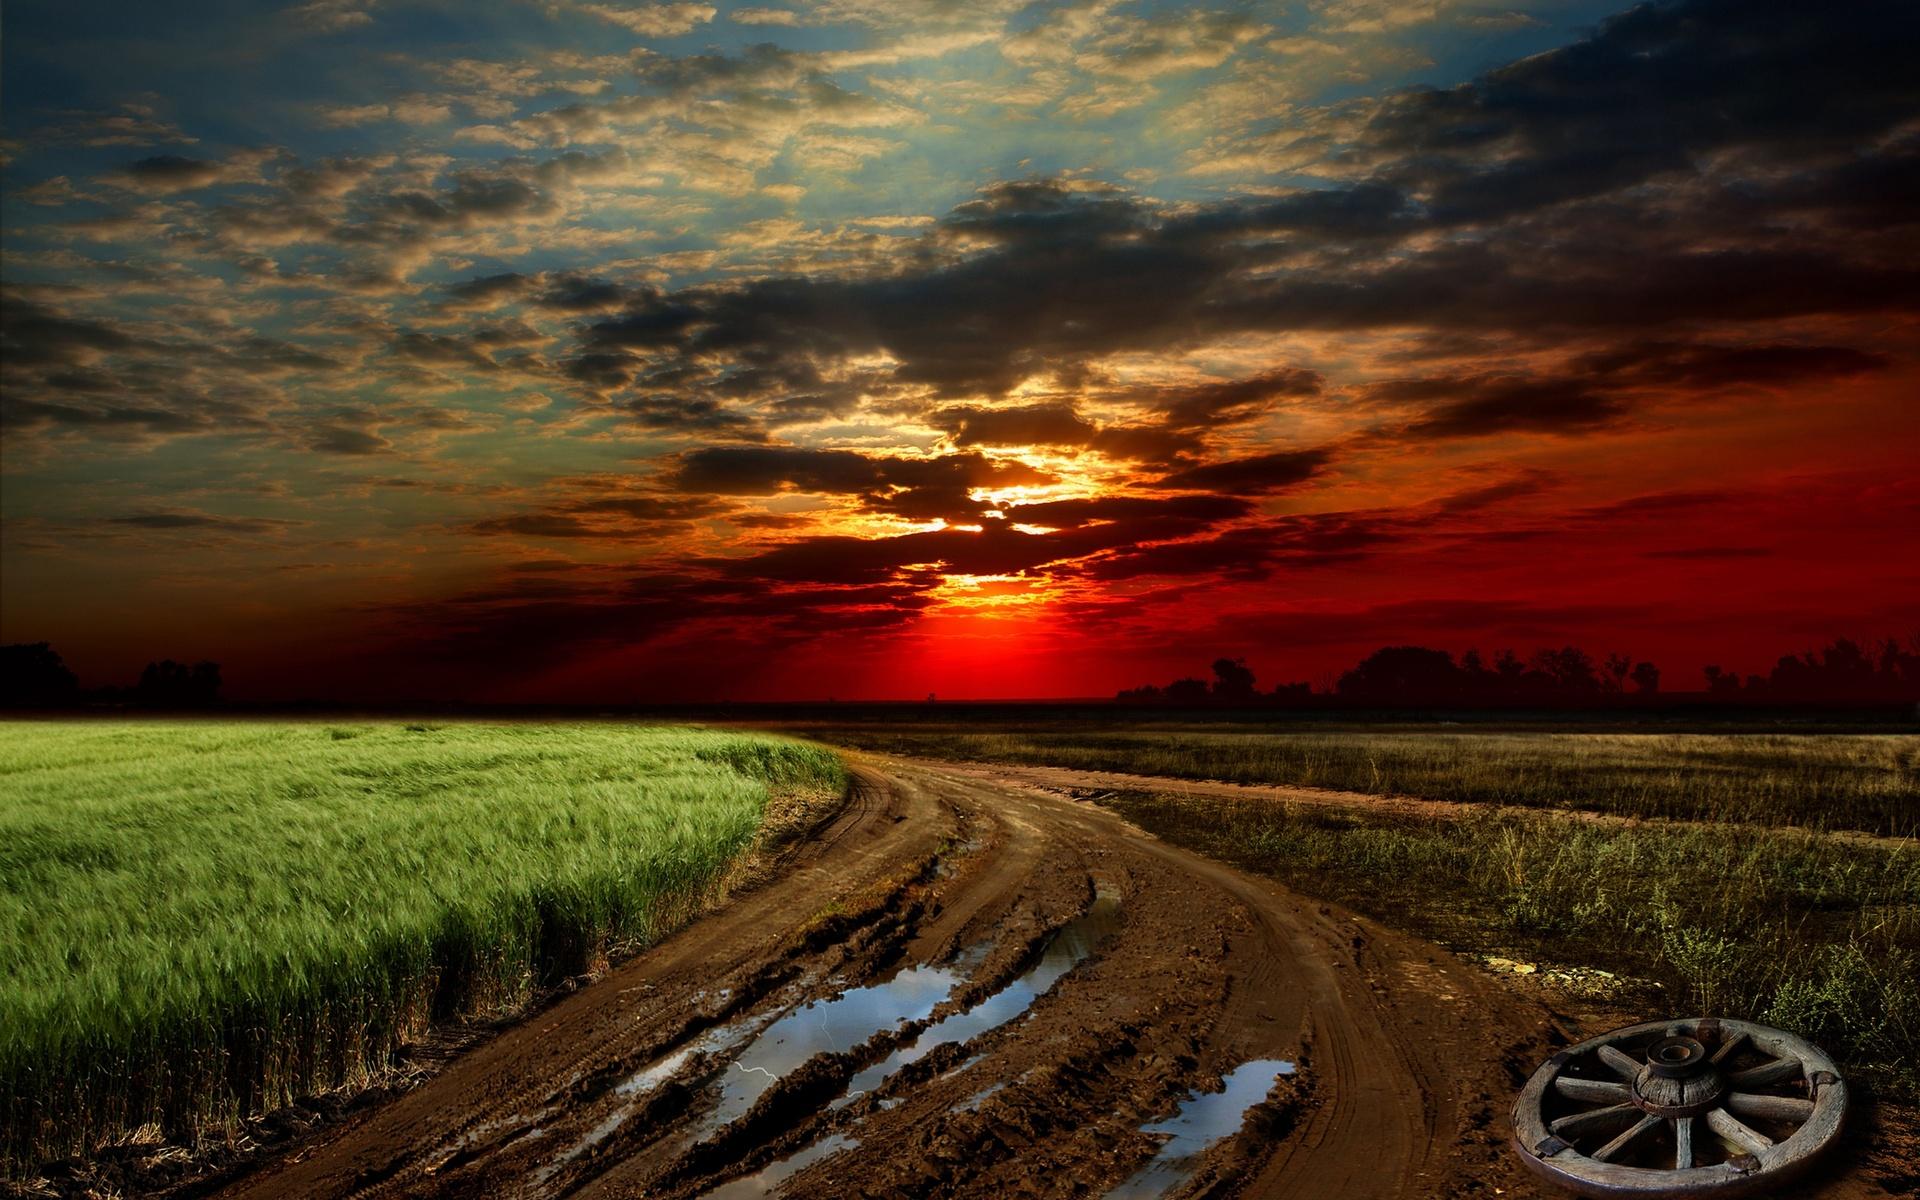 Sunset Road Field Wheel Landscape Wallpaper